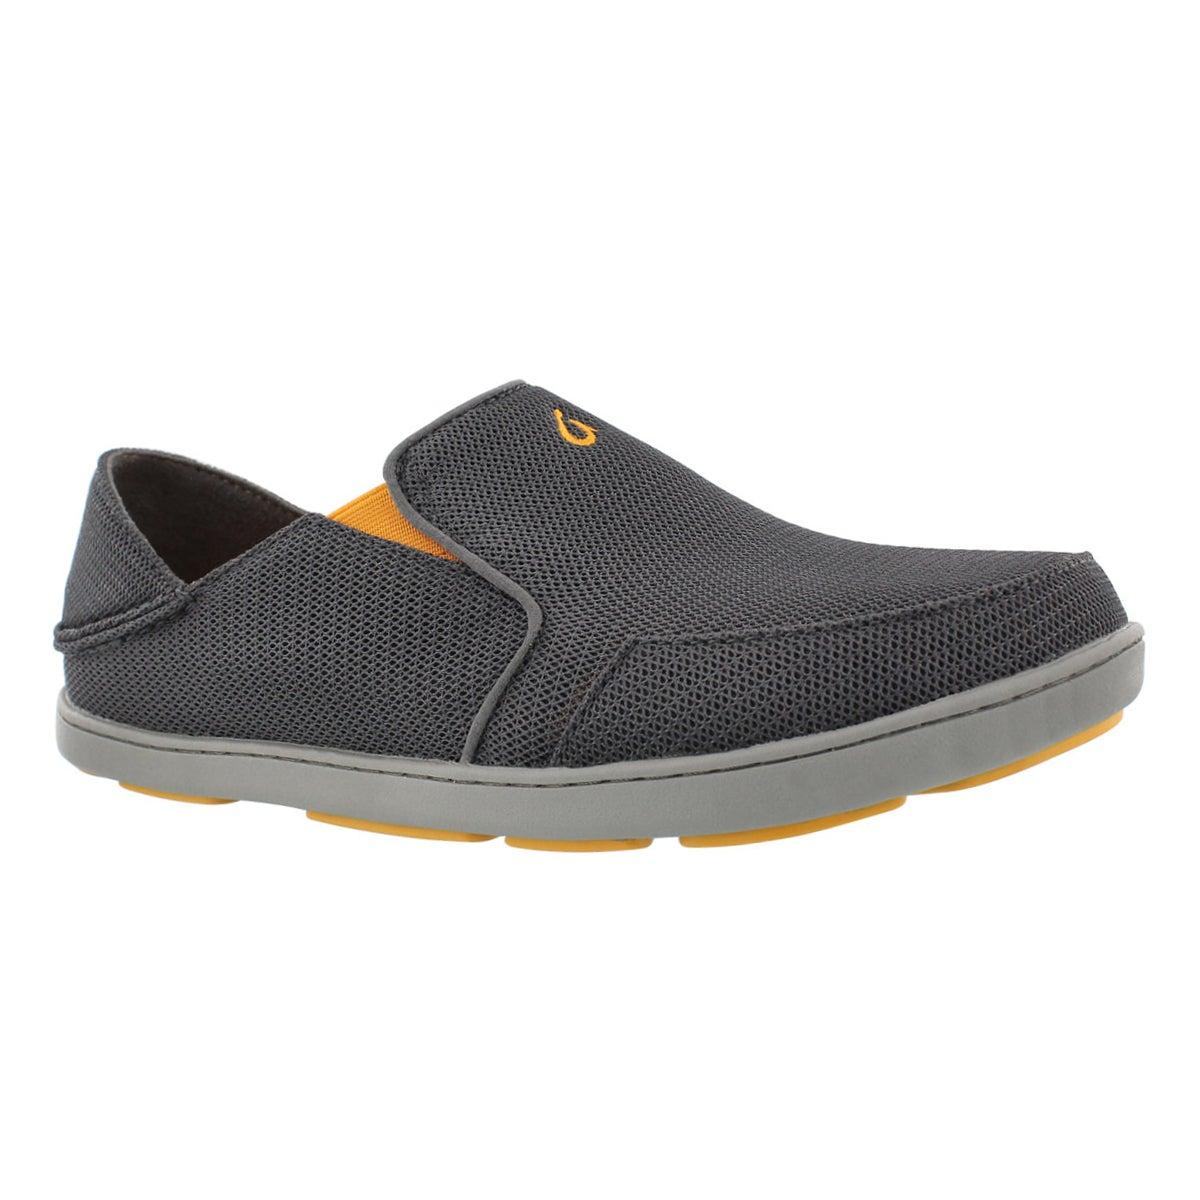 Mns NoheaMesh dk shdw slipon casual shoe